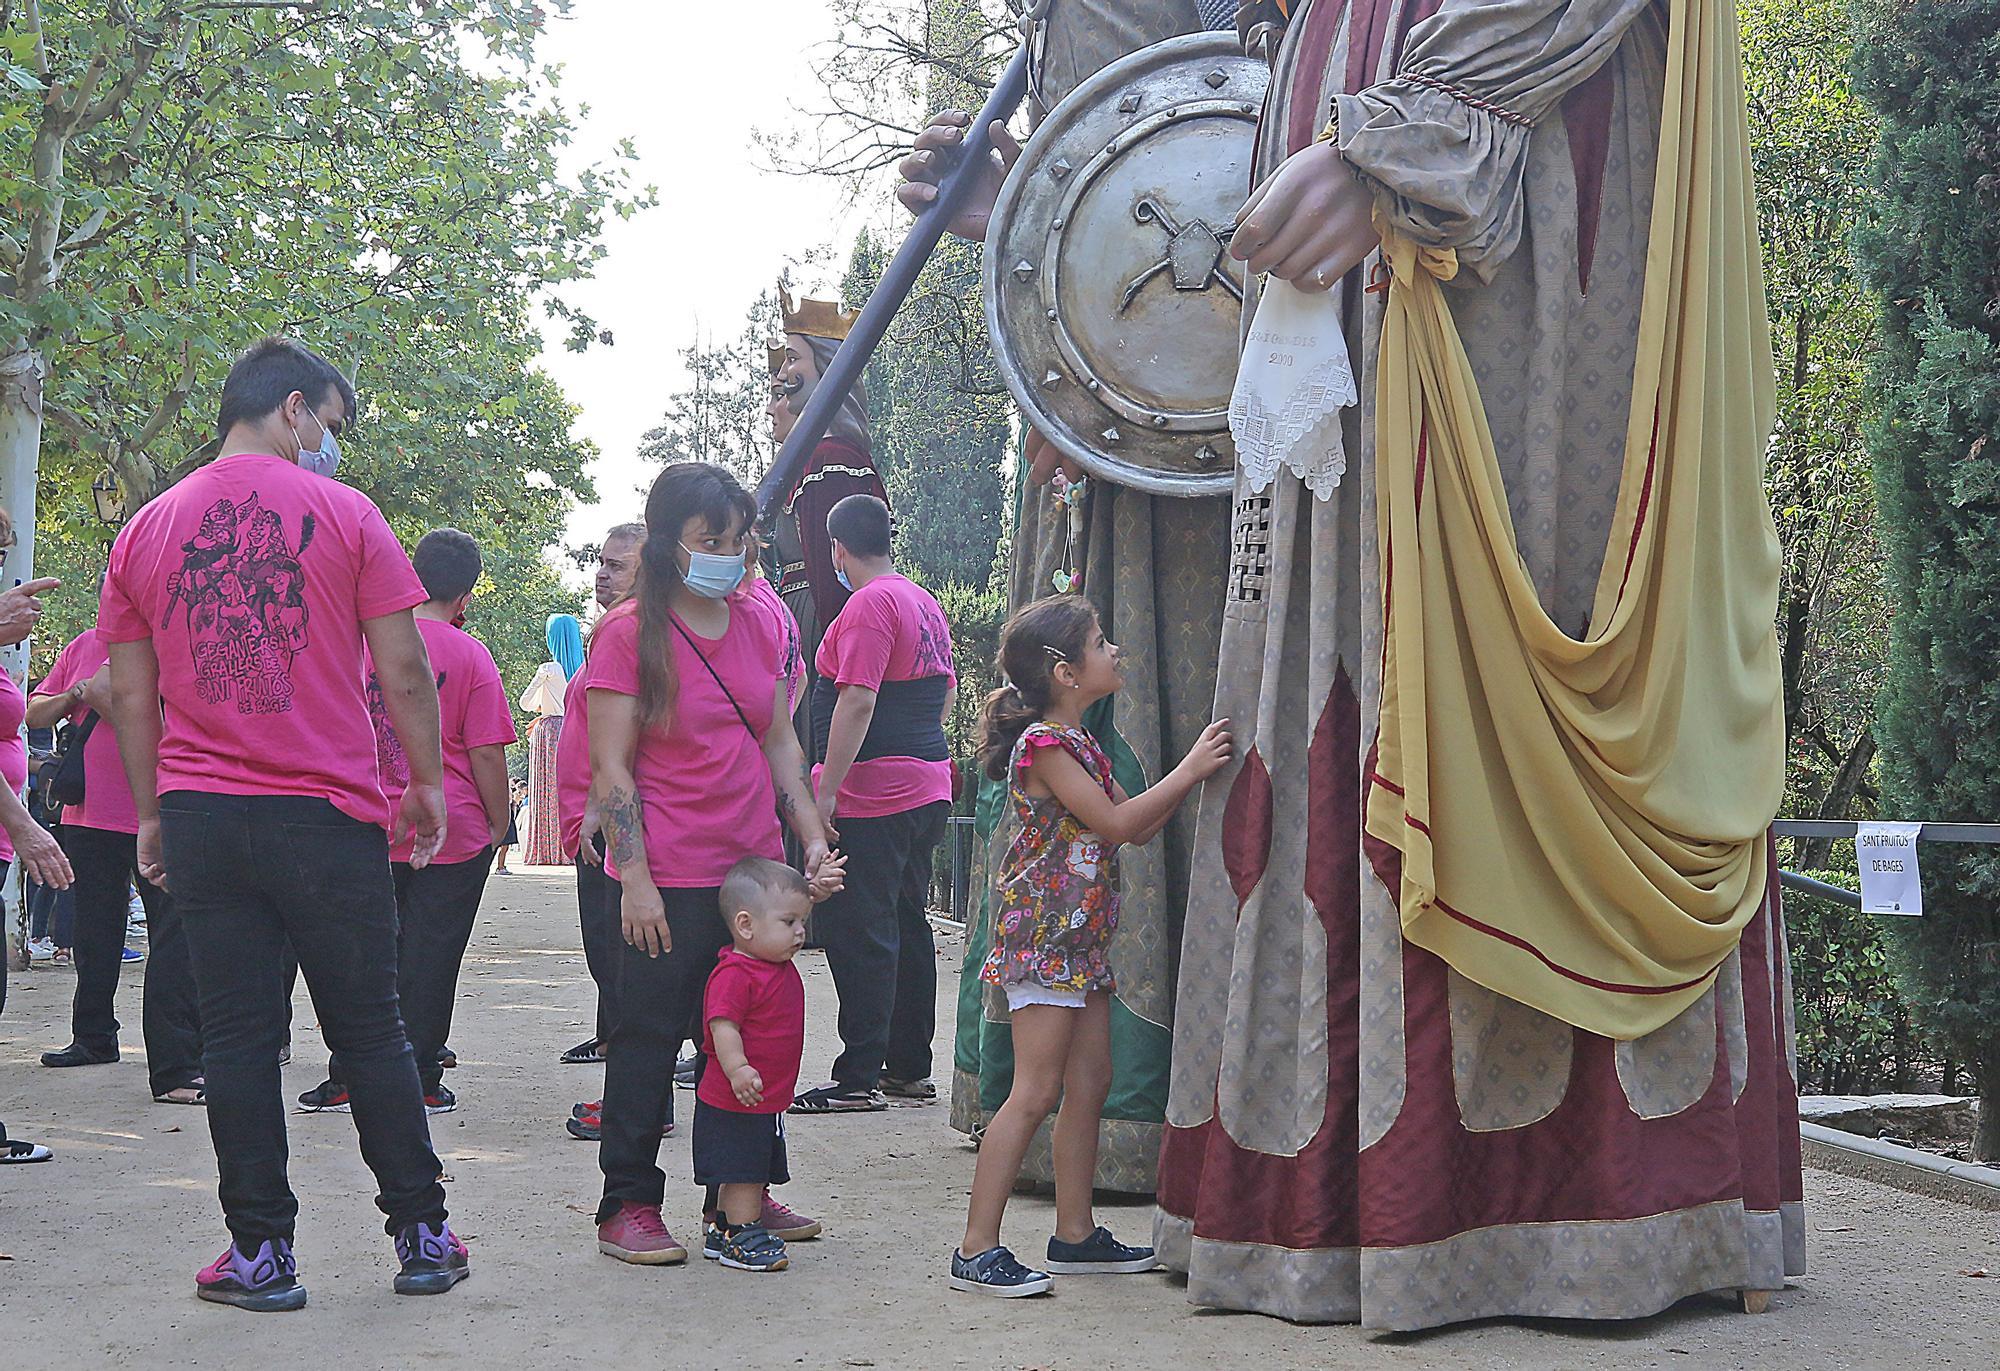 Festa dels 40 anys del gegants reis a Sallent